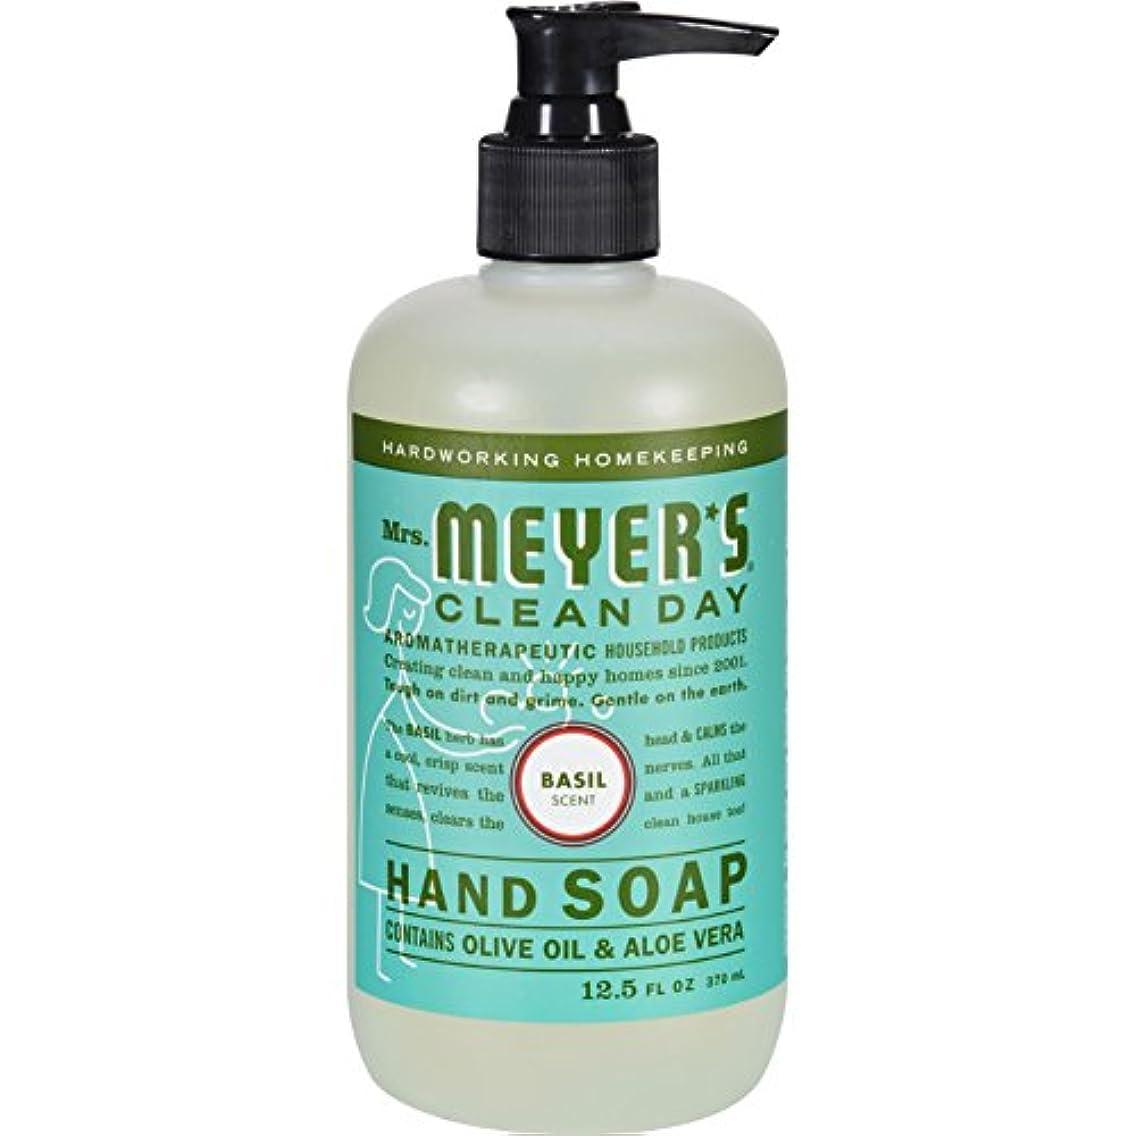 プランター振り返るバングラデシュMRS. MEYER'S HAND SOAP,LIQ,BASIL, 12.5 FZ by Mrs. Meyer's Clean Day